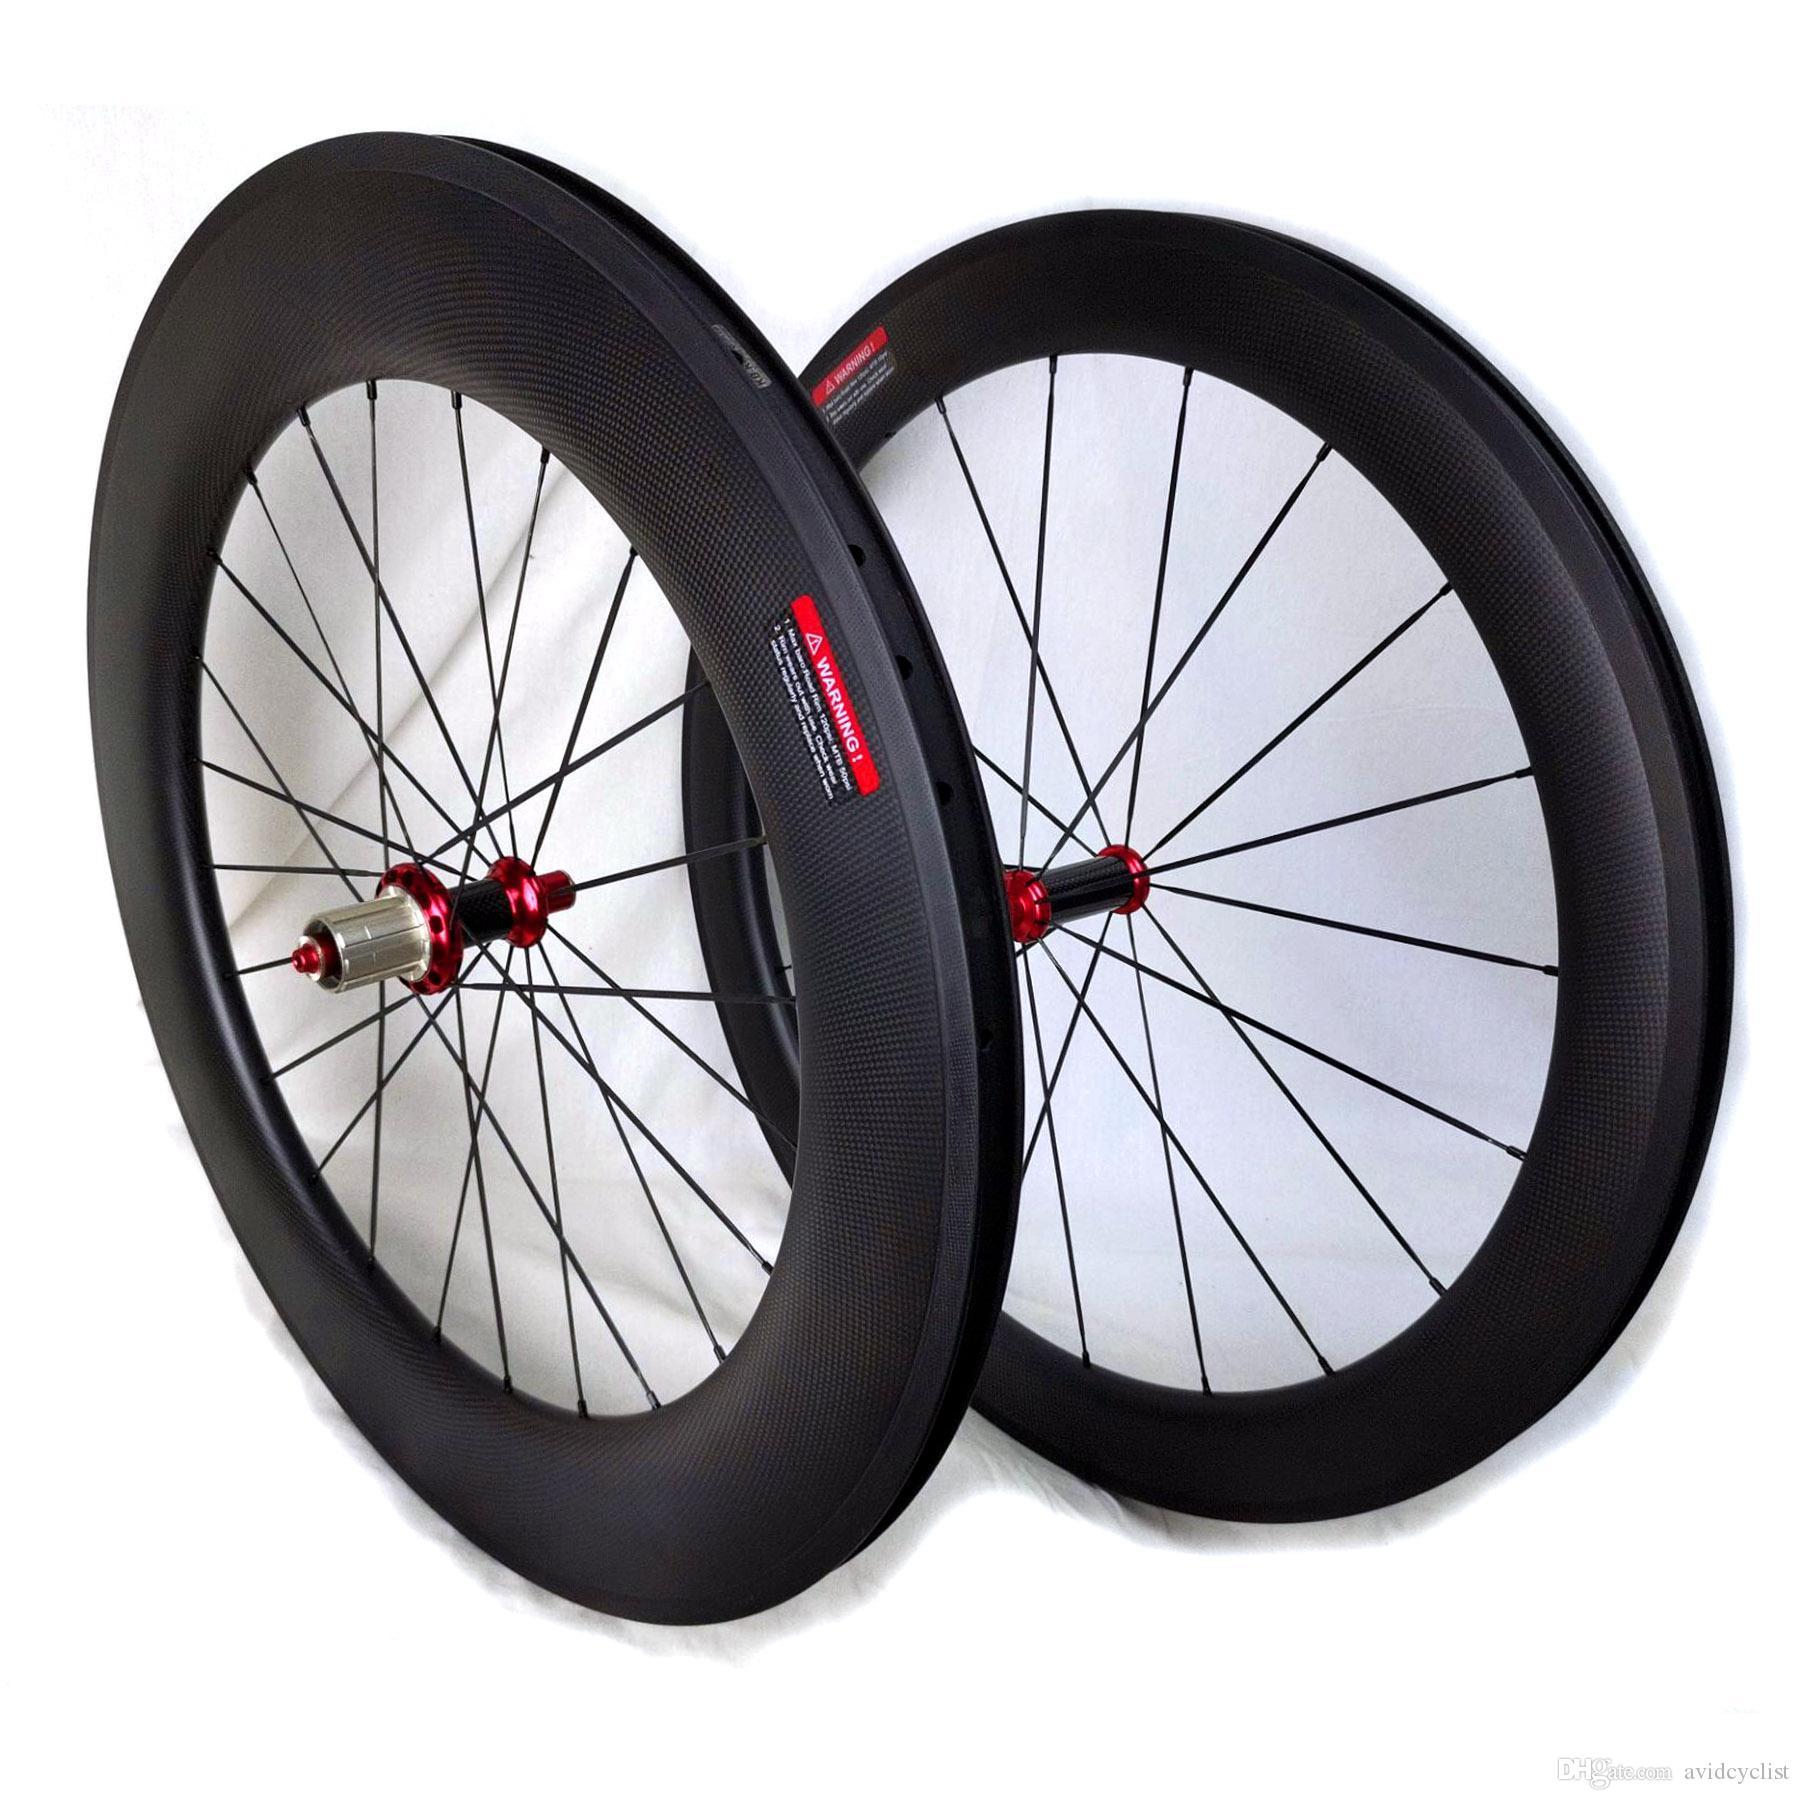 A fibra de carbono rodas de bicicleta 60 milímetros frontal traseira 90 milímetros gancho bicicleta de estrada tubular rodado superfície travão basalto Powerway R36 cubos 3K mate